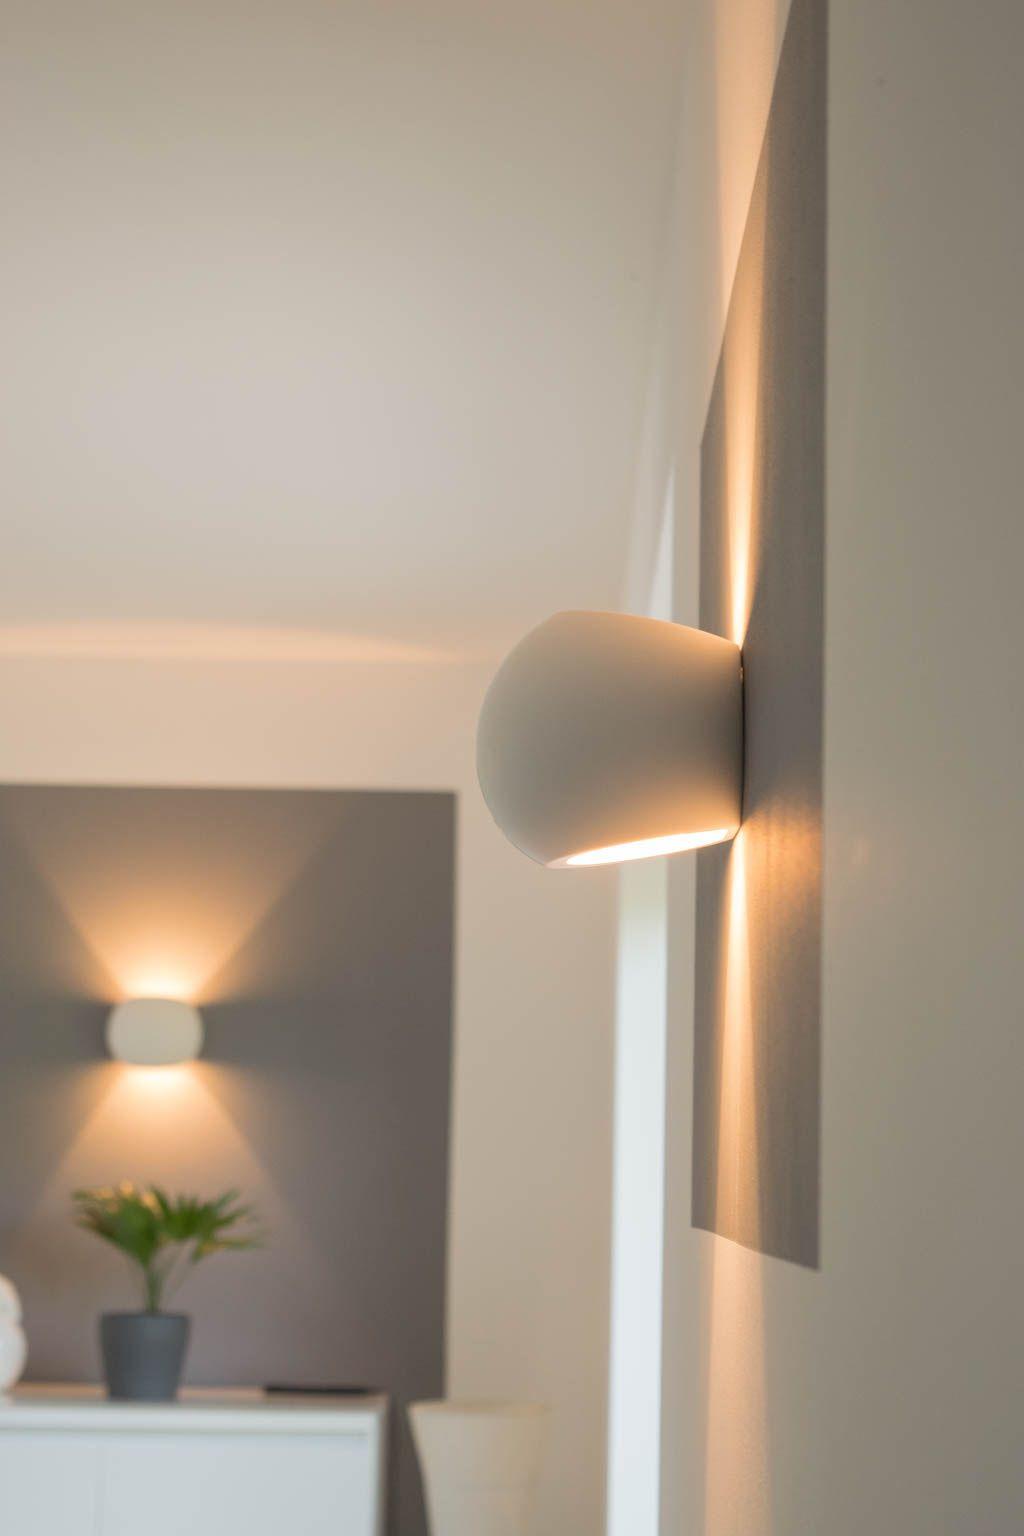 dimmbare led wandlampen unsere wandleuchten f rs wohnzimmer wandleuchte wohnzimmer led und. Black Bedroom Furniture Sets. Home Design Ideas